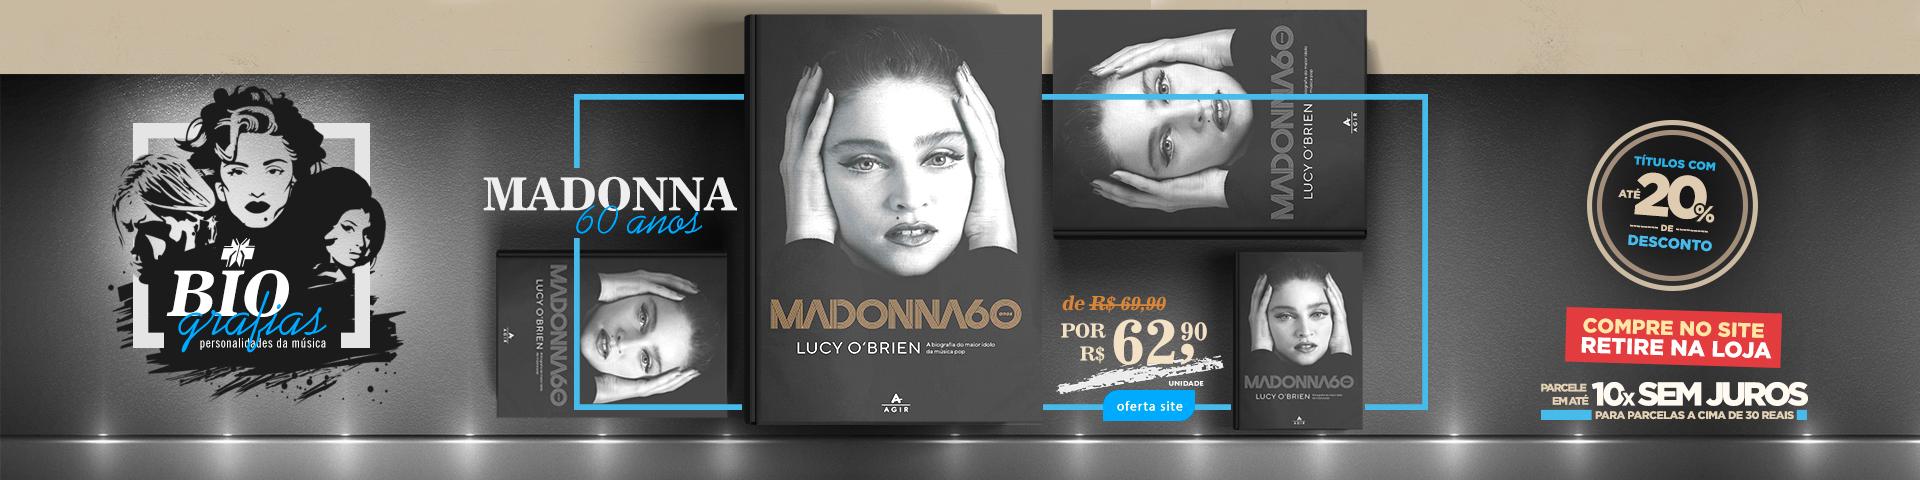 Biografias - Madonna